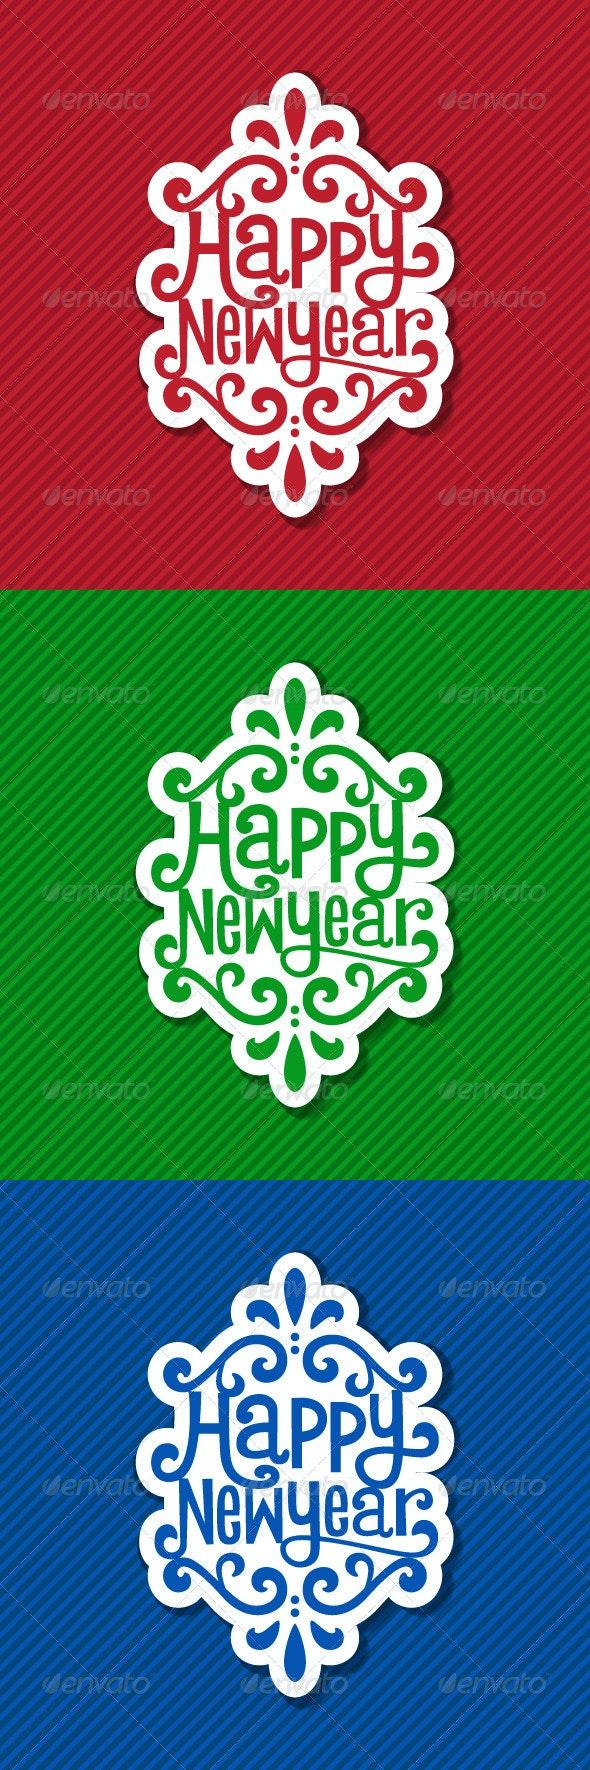 New Year Tag - New Year Seasons/Holidays